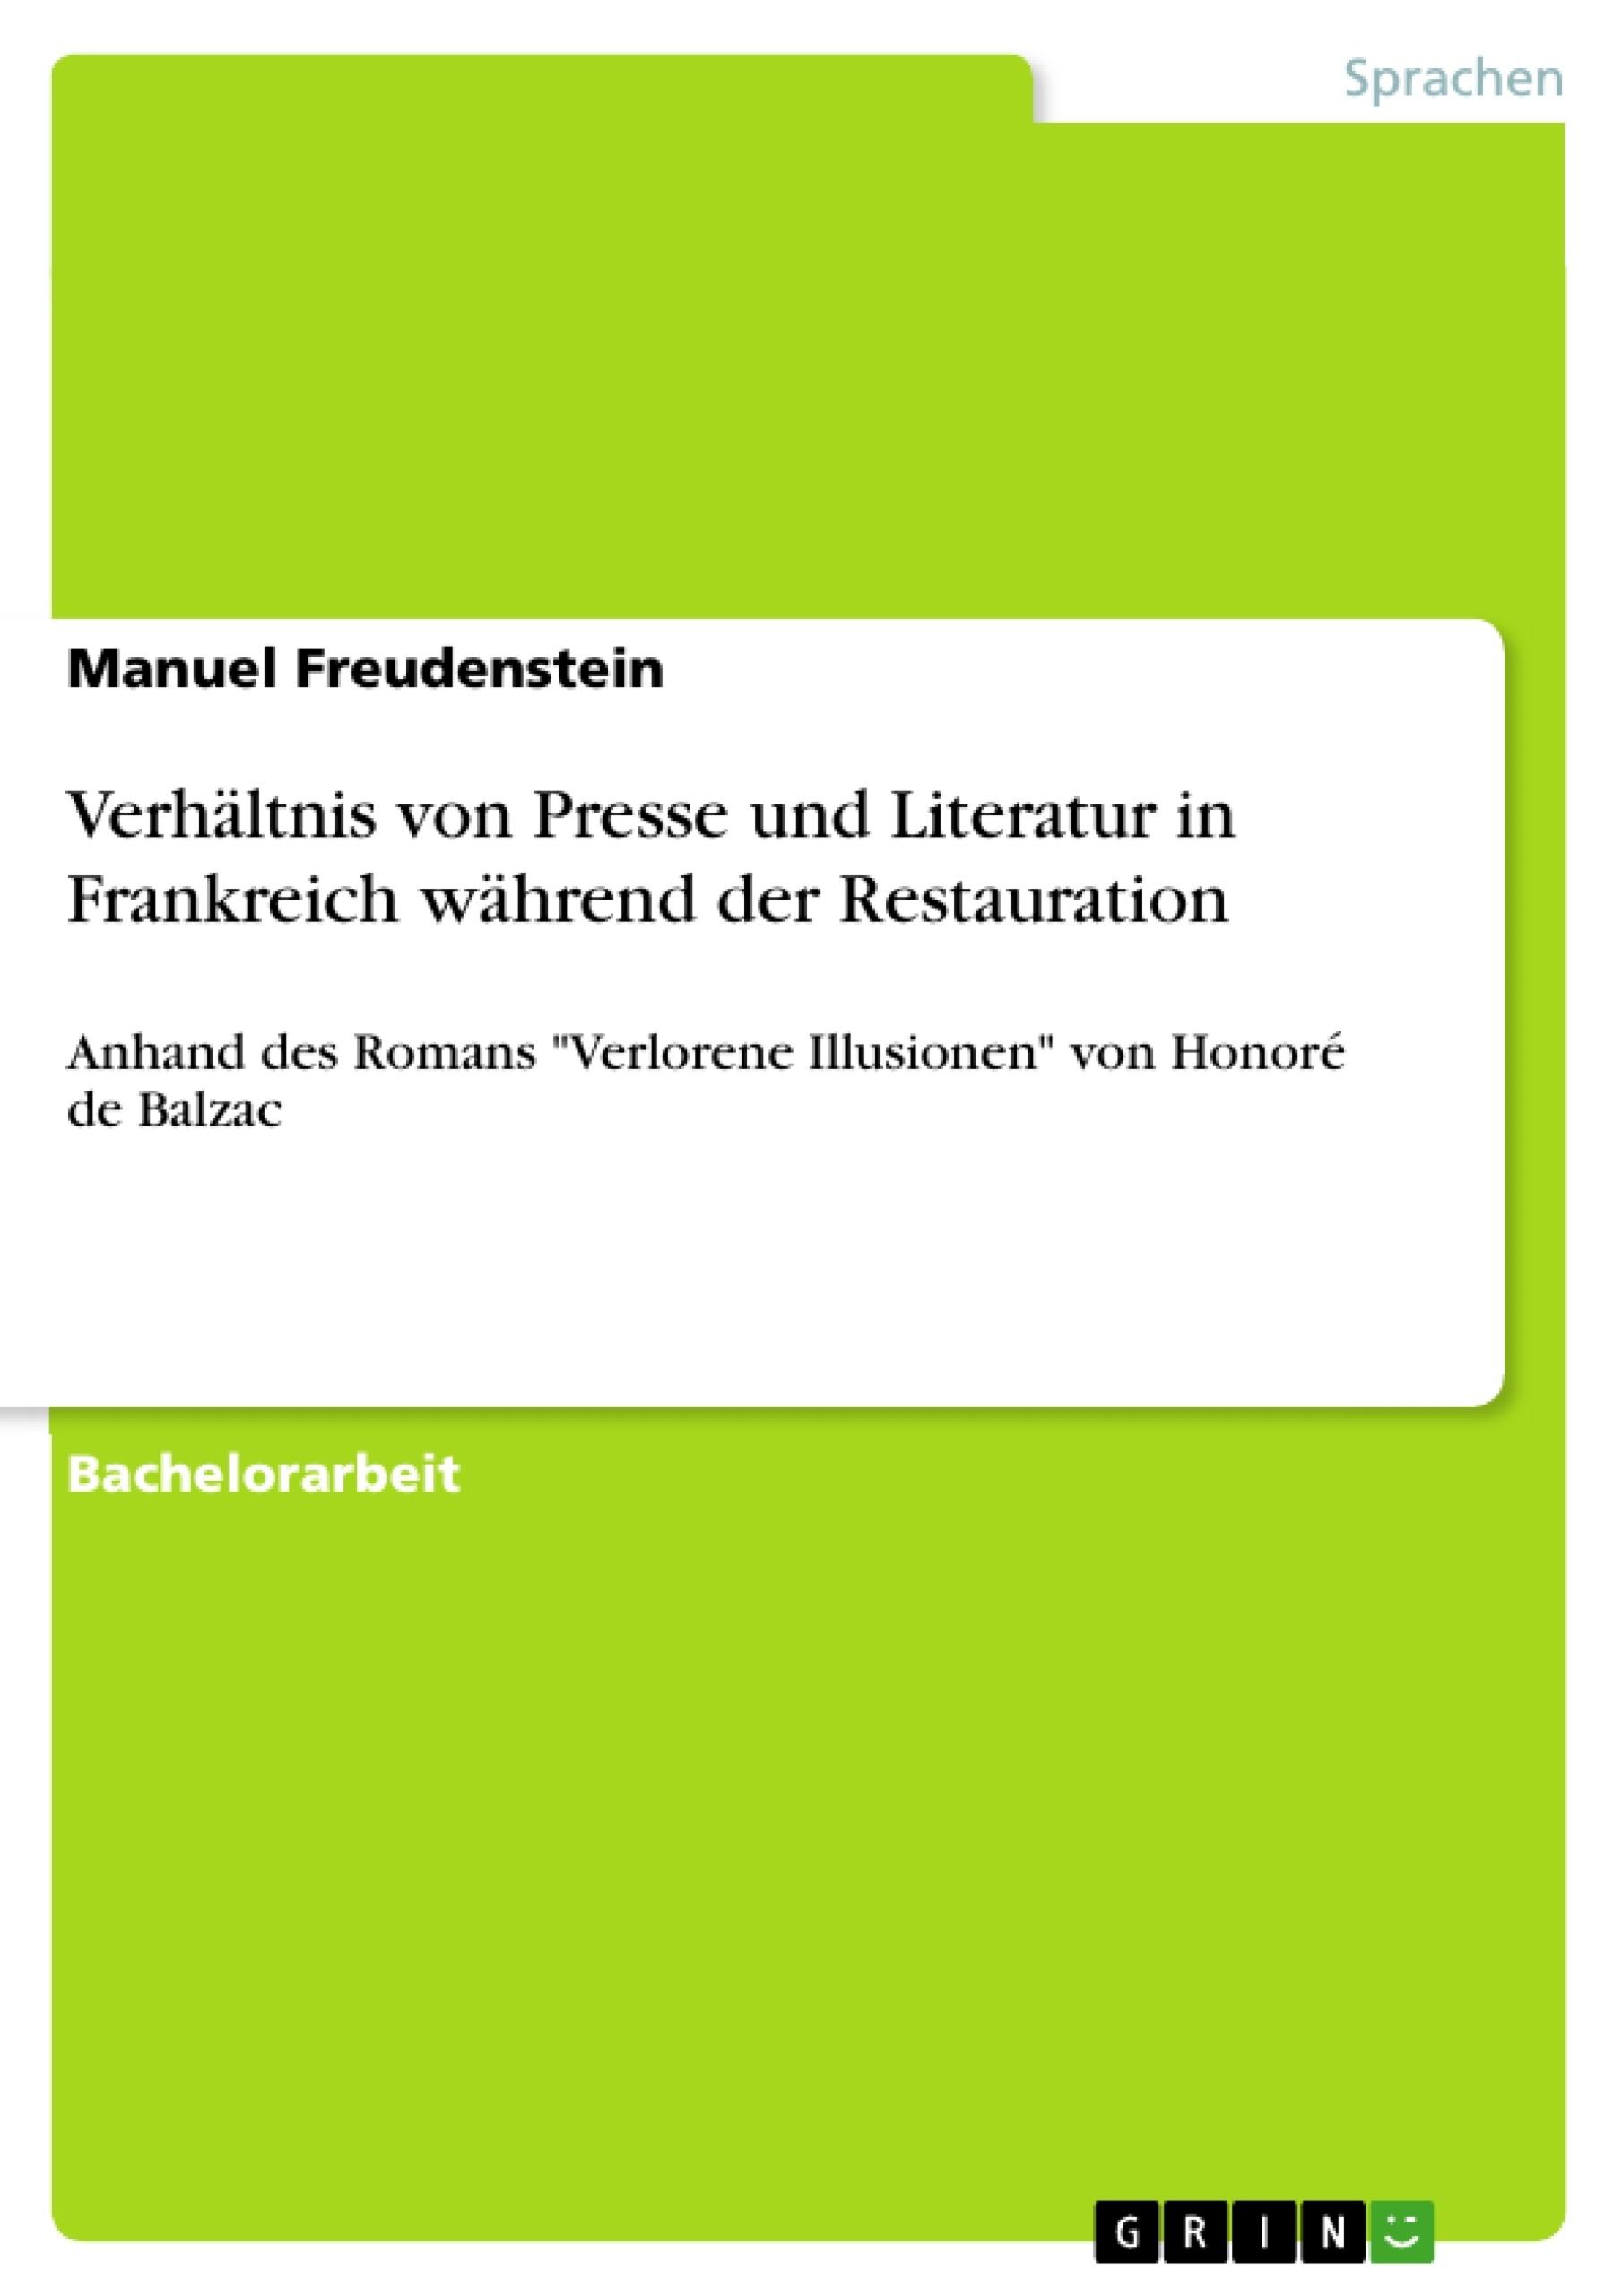 Titel: Verhältnis von Presse und Literatur in Frankreich während der Restauration